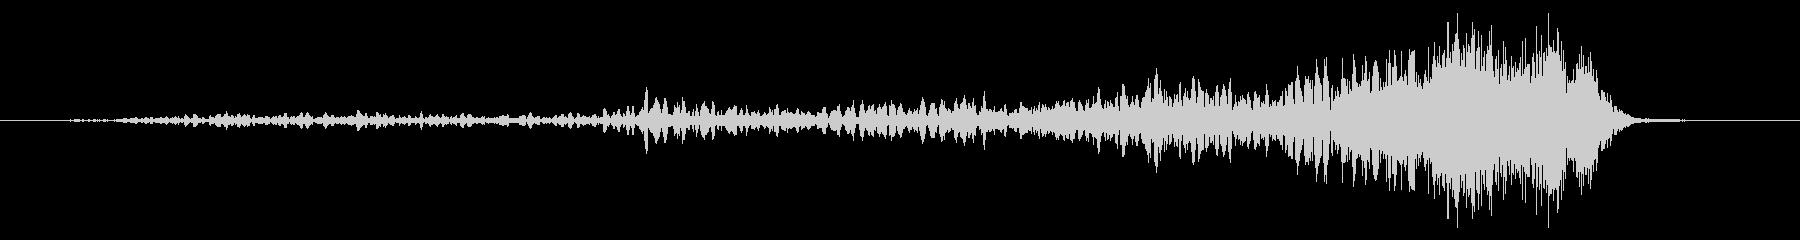 シャンプインスイープ2の未再生の波形